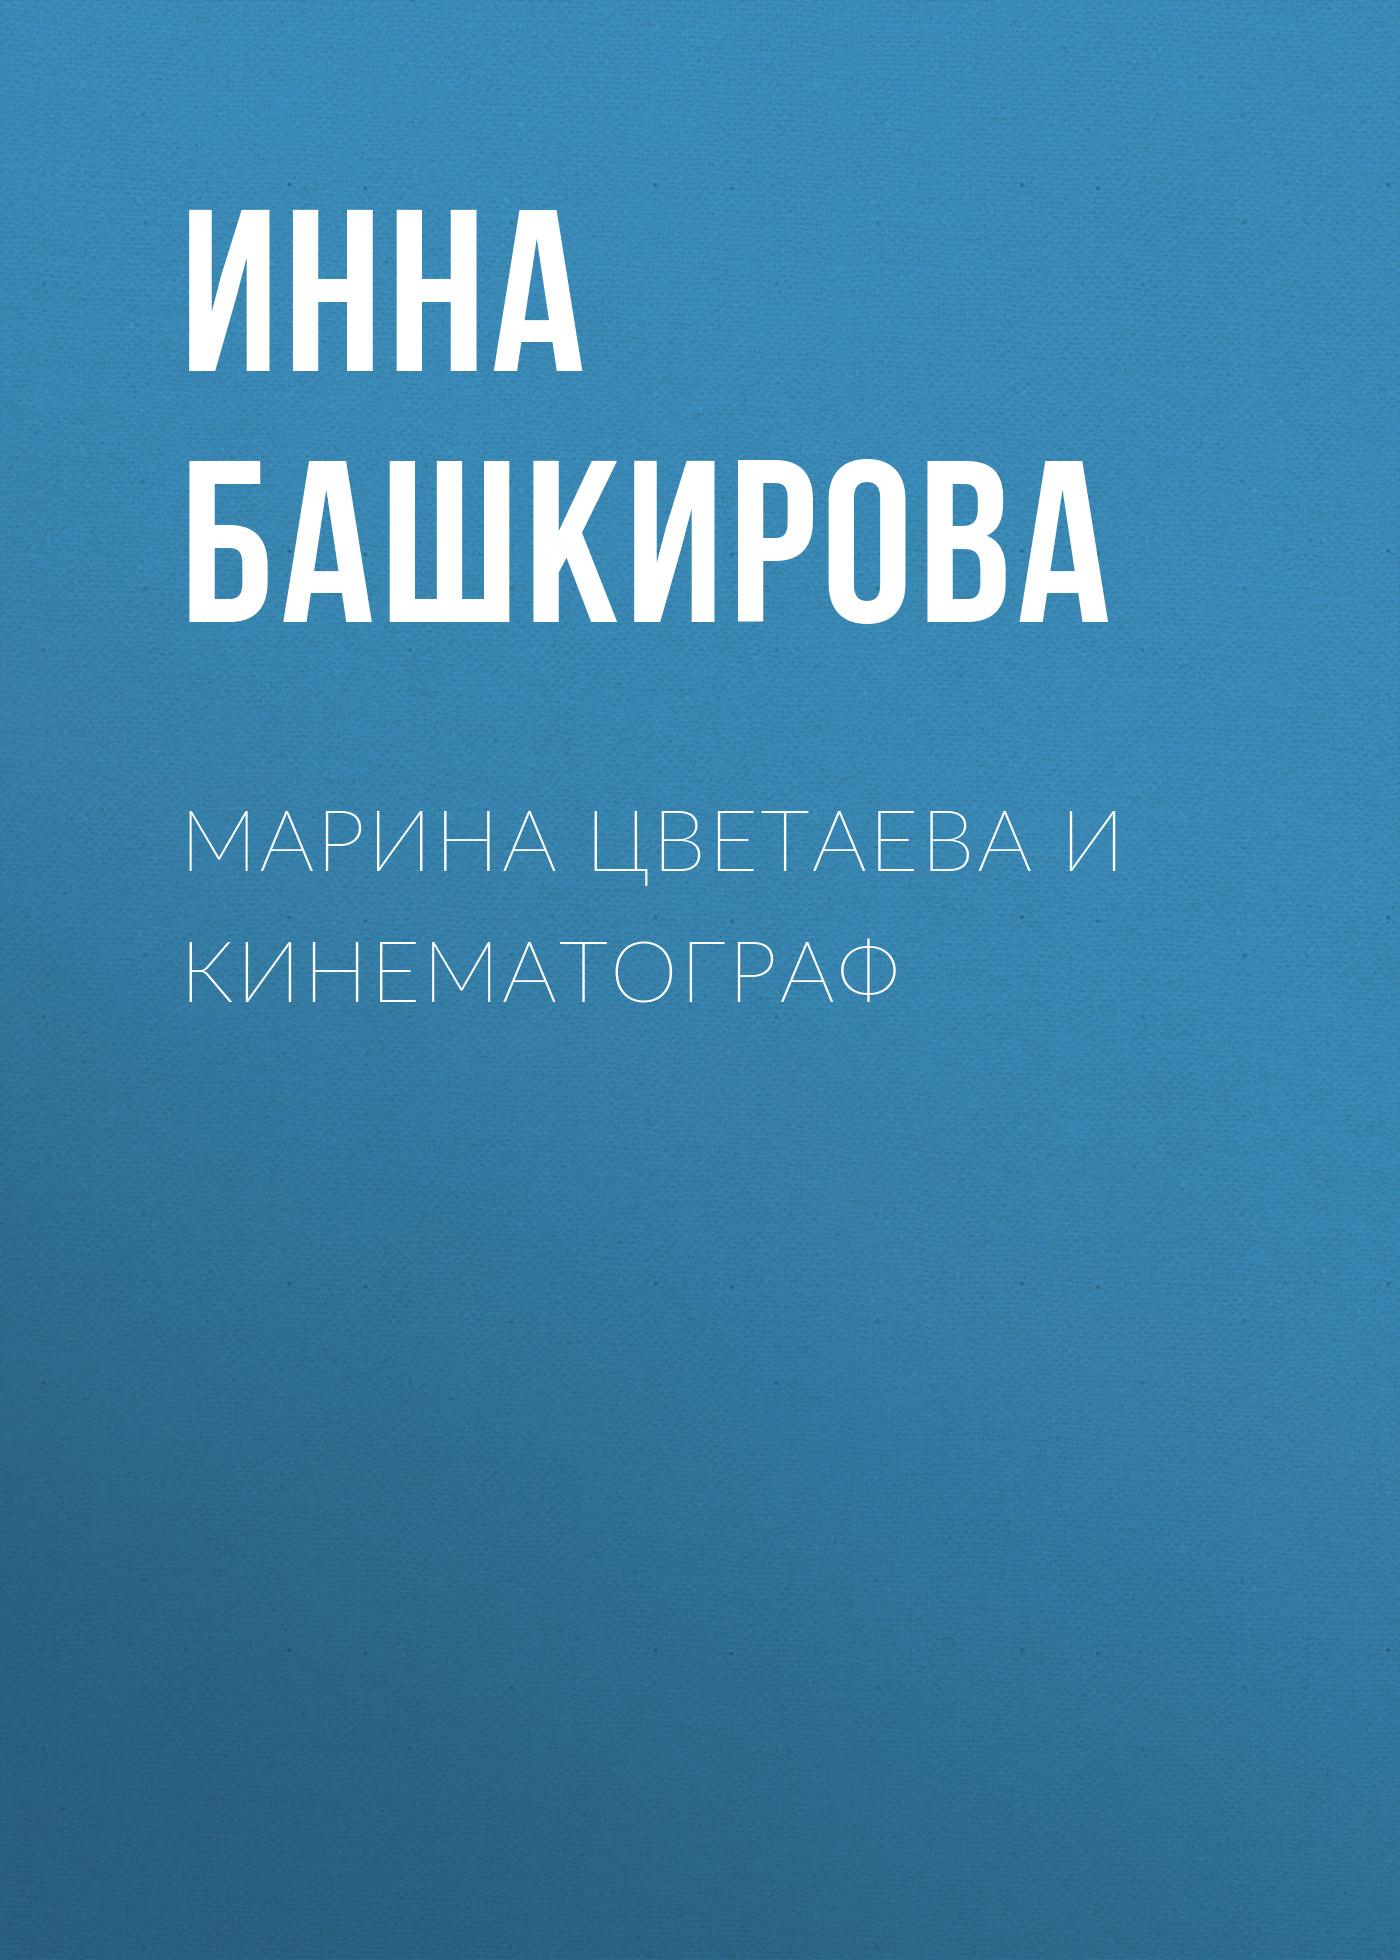 Инна Башкирова Марина Цветаева и кинематограф агапова и супермены российского кино